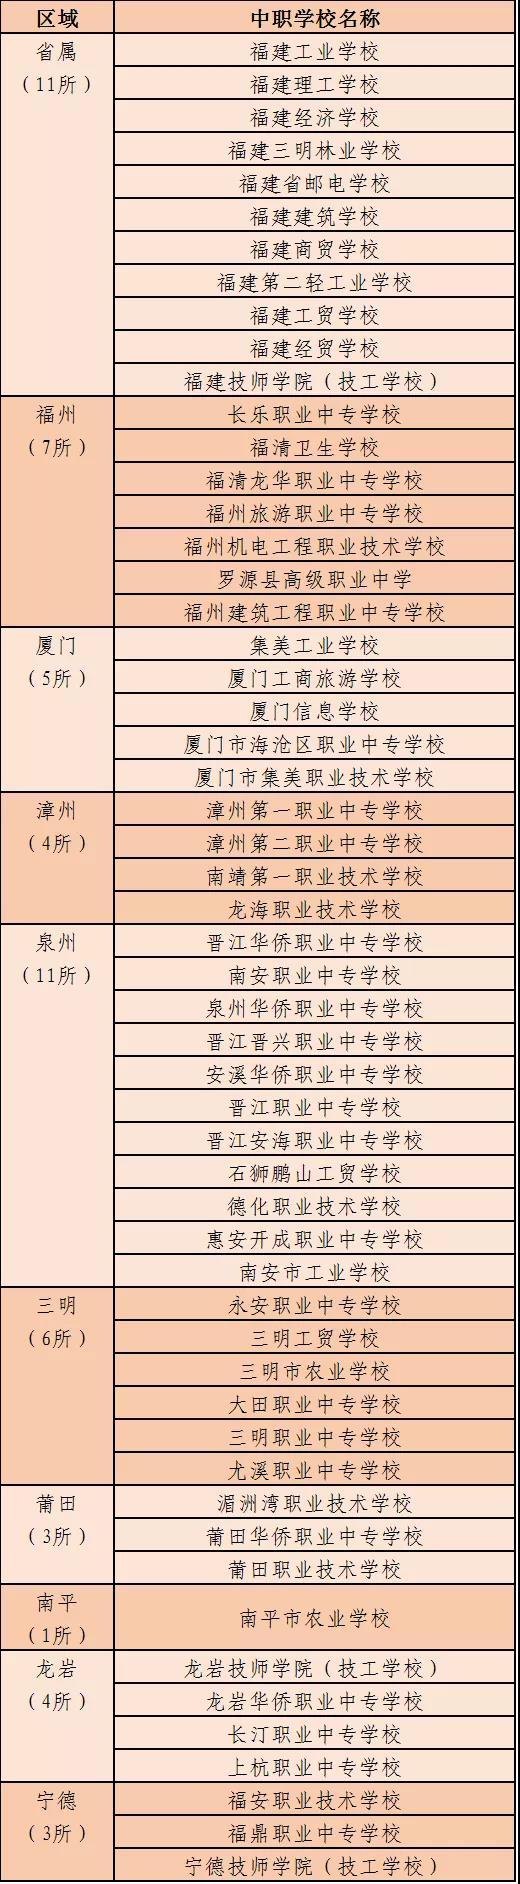 福建省示范性现代职业院校名单